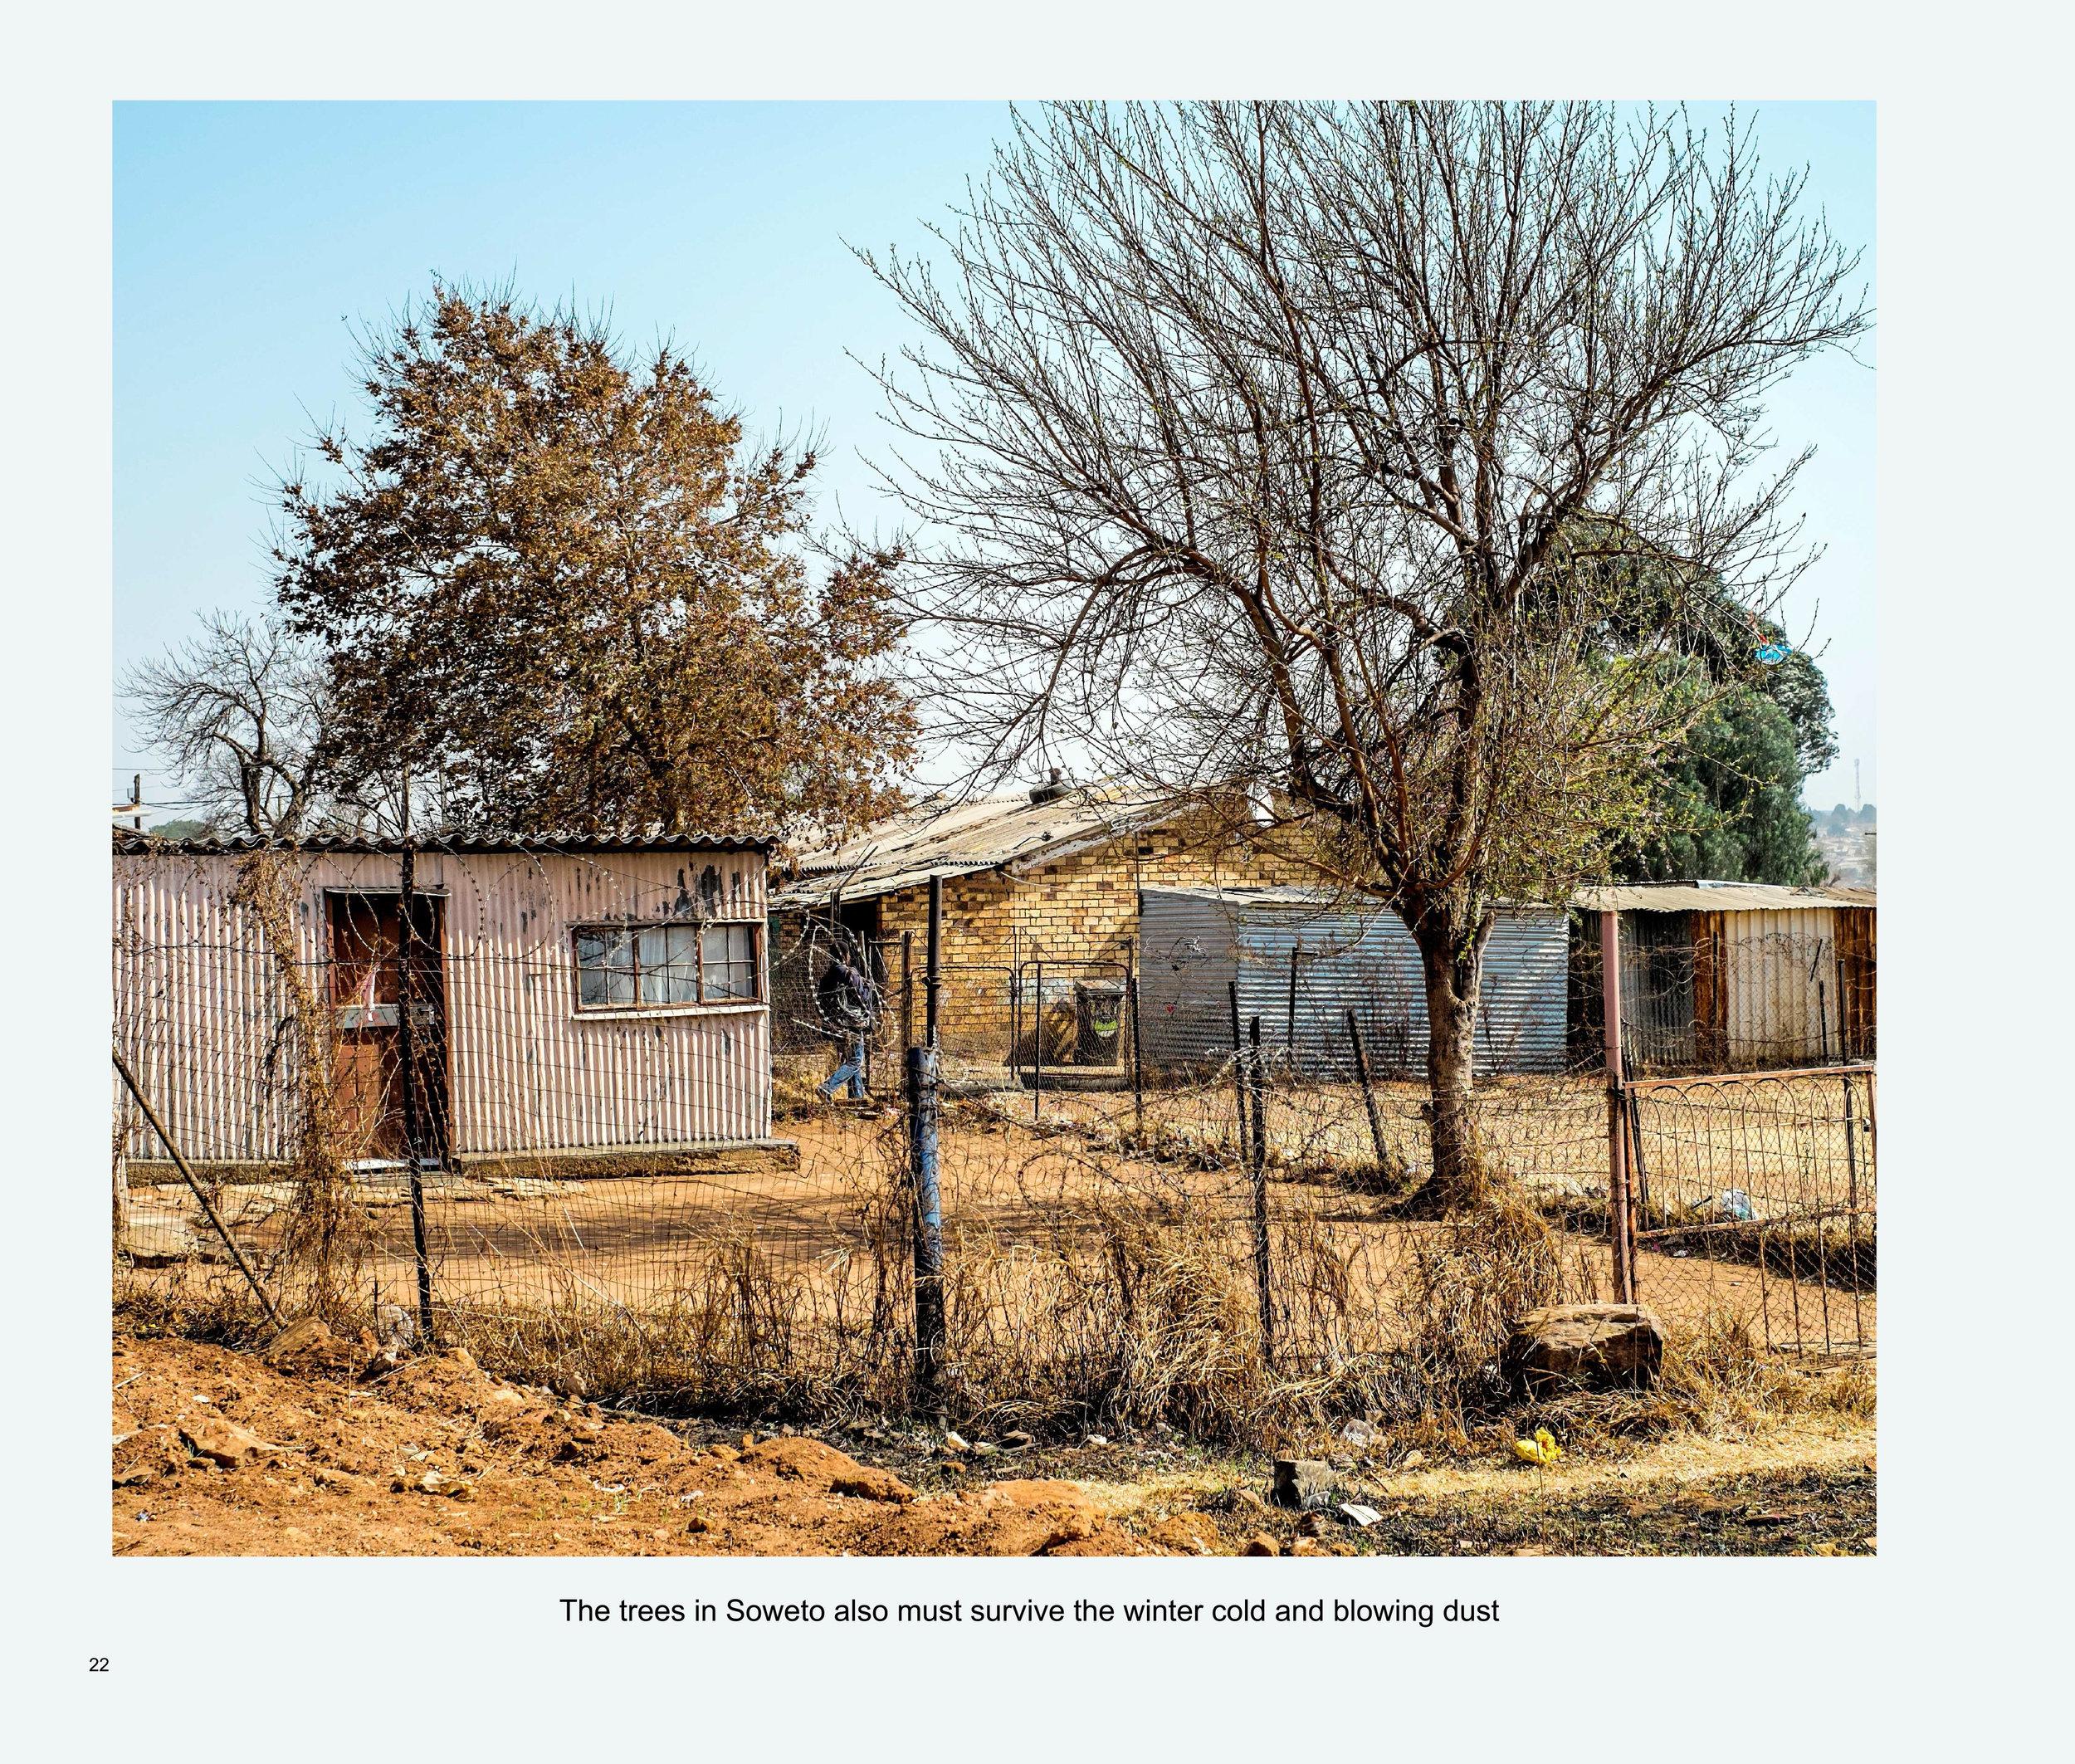 ImagesASouthernAfricaRoadTrip-24.jpg